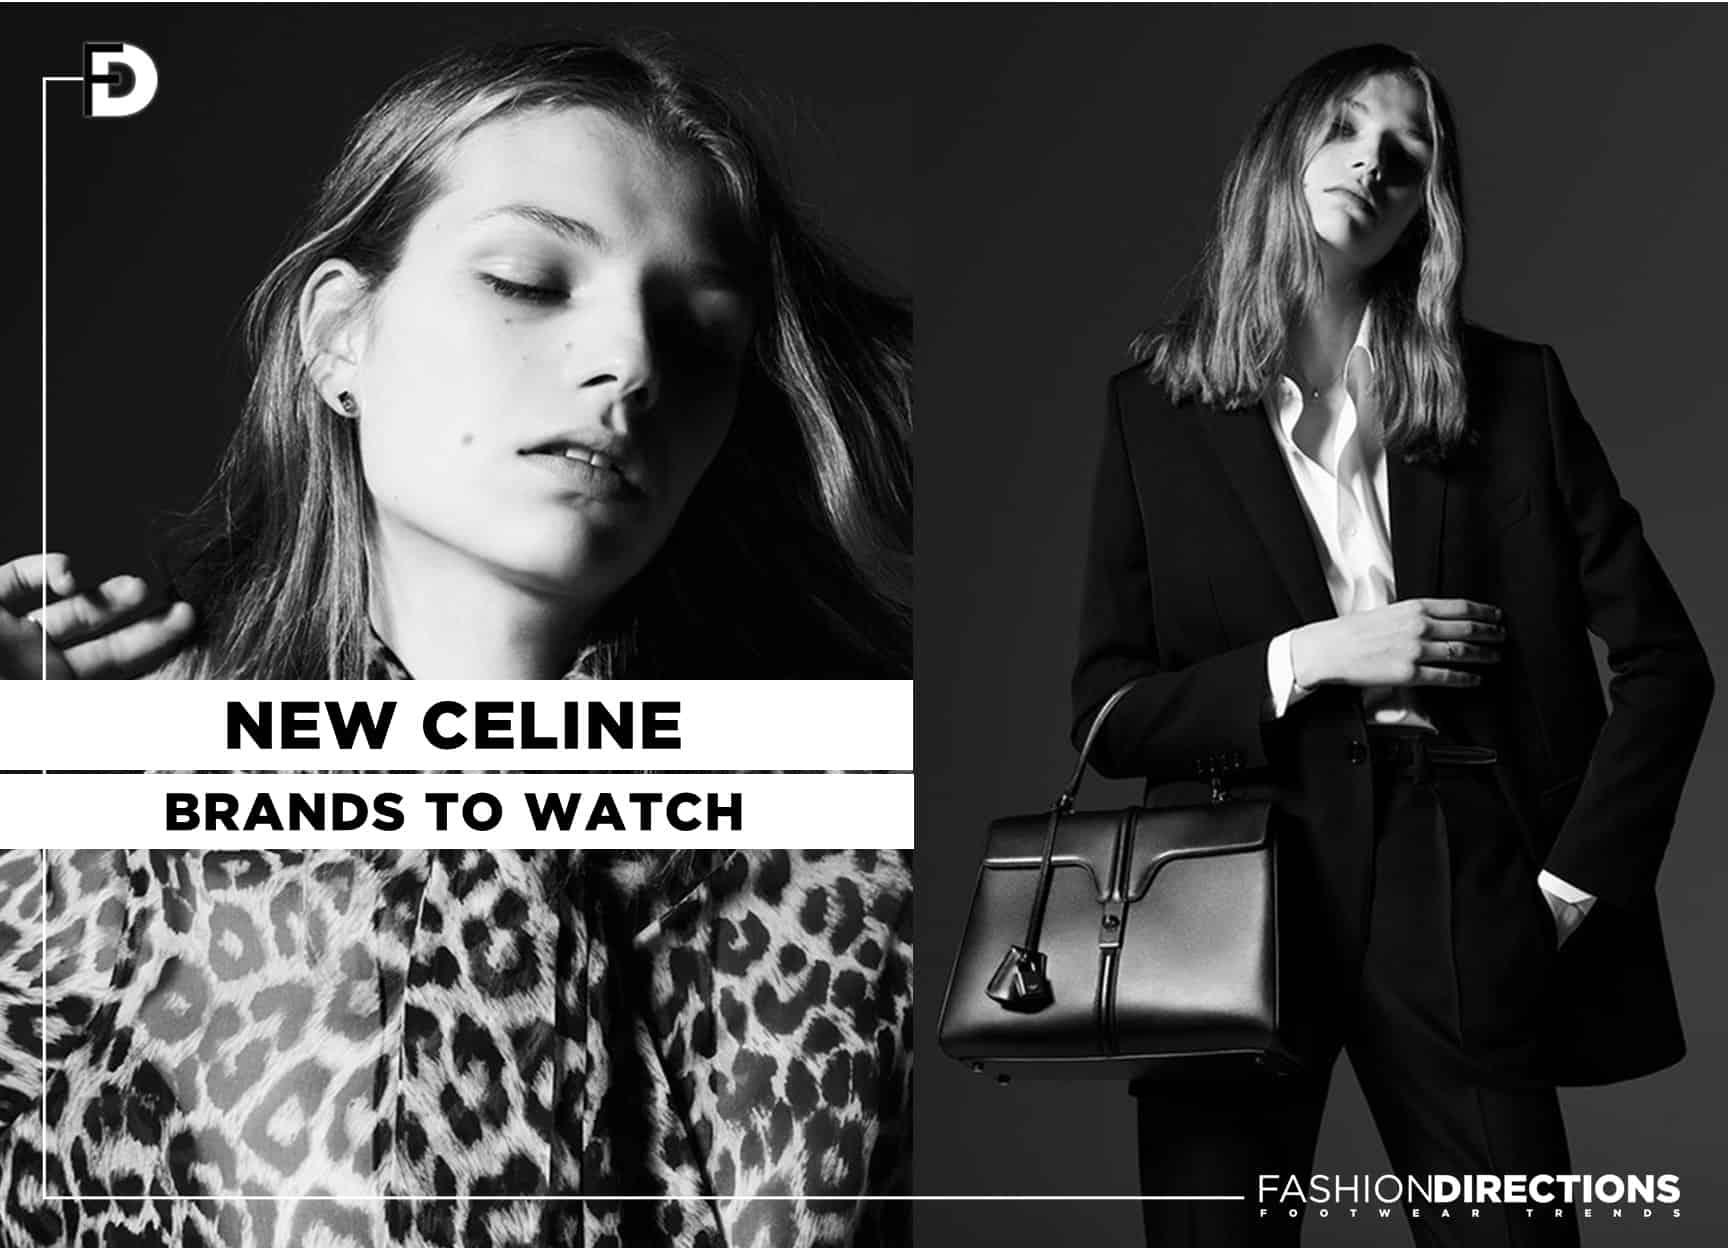 New Celine 1